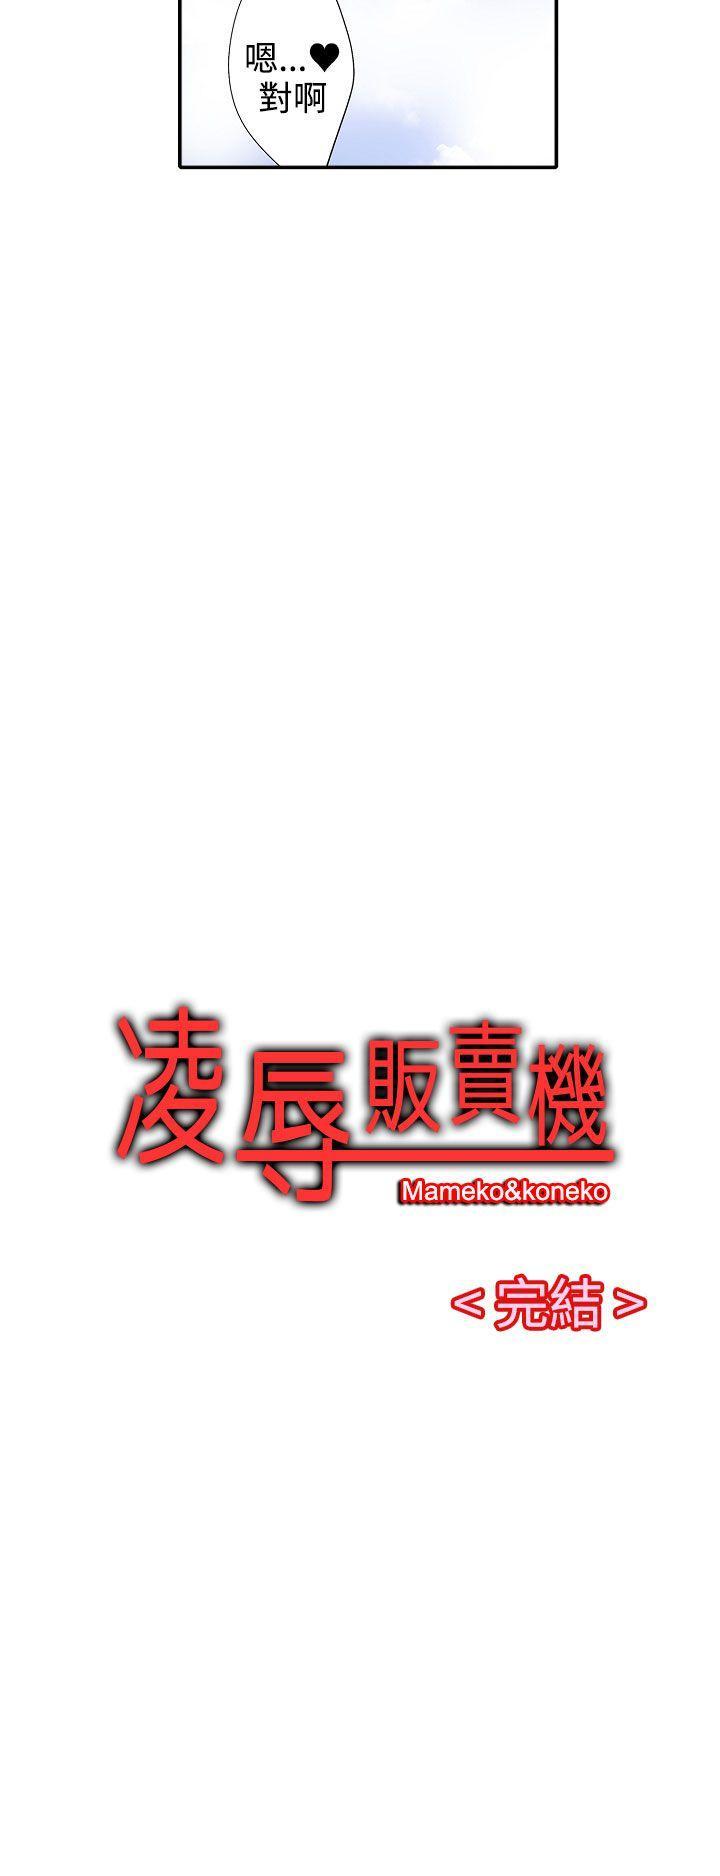 凌辱贩卖机-最终话全彩韩漫标签